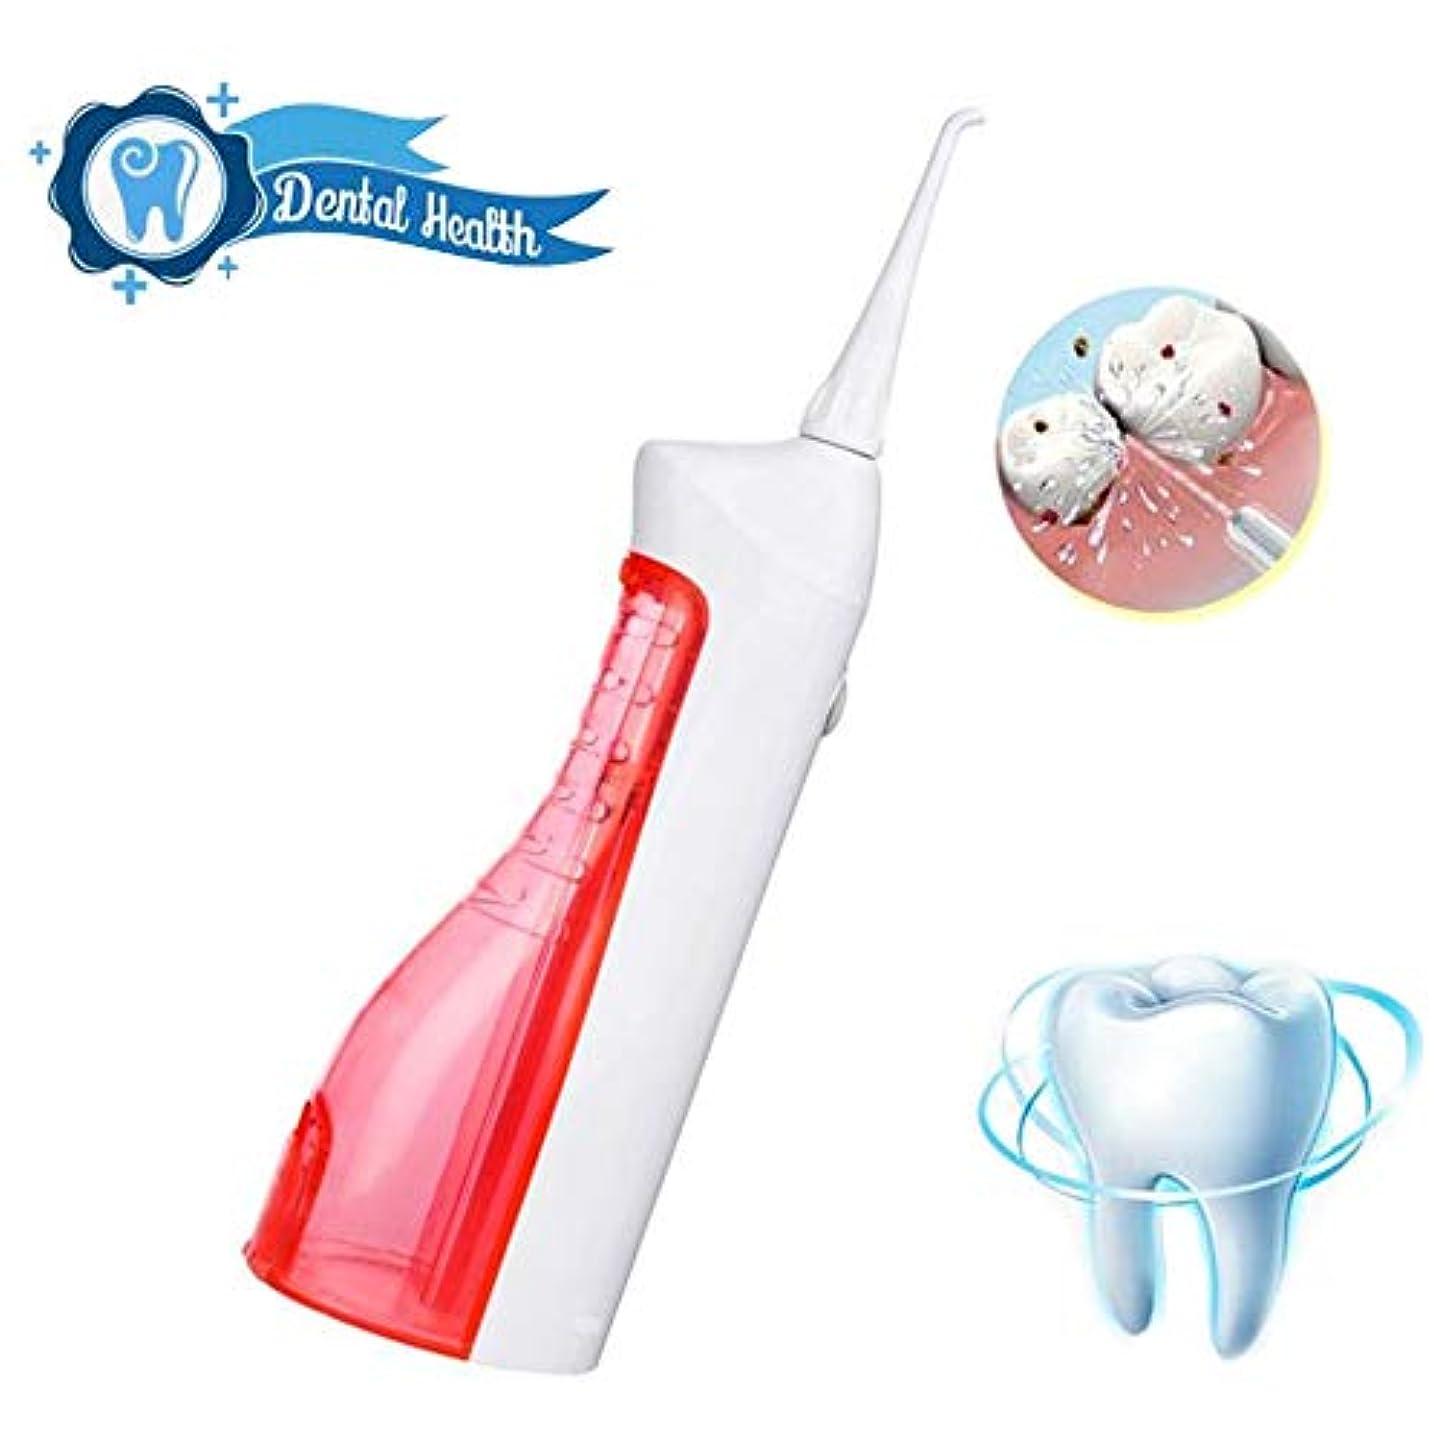 の量磨かれたゴシップ歯のためのウォーターフロッサー、ポータブルプロフェッショナルコードレス歯科口腔灌漑器(150mlタンク、2本のジェットチップ付き)歯磨き粉用クリーナー、2つのクリーニングモード、USB充電式、IPX7